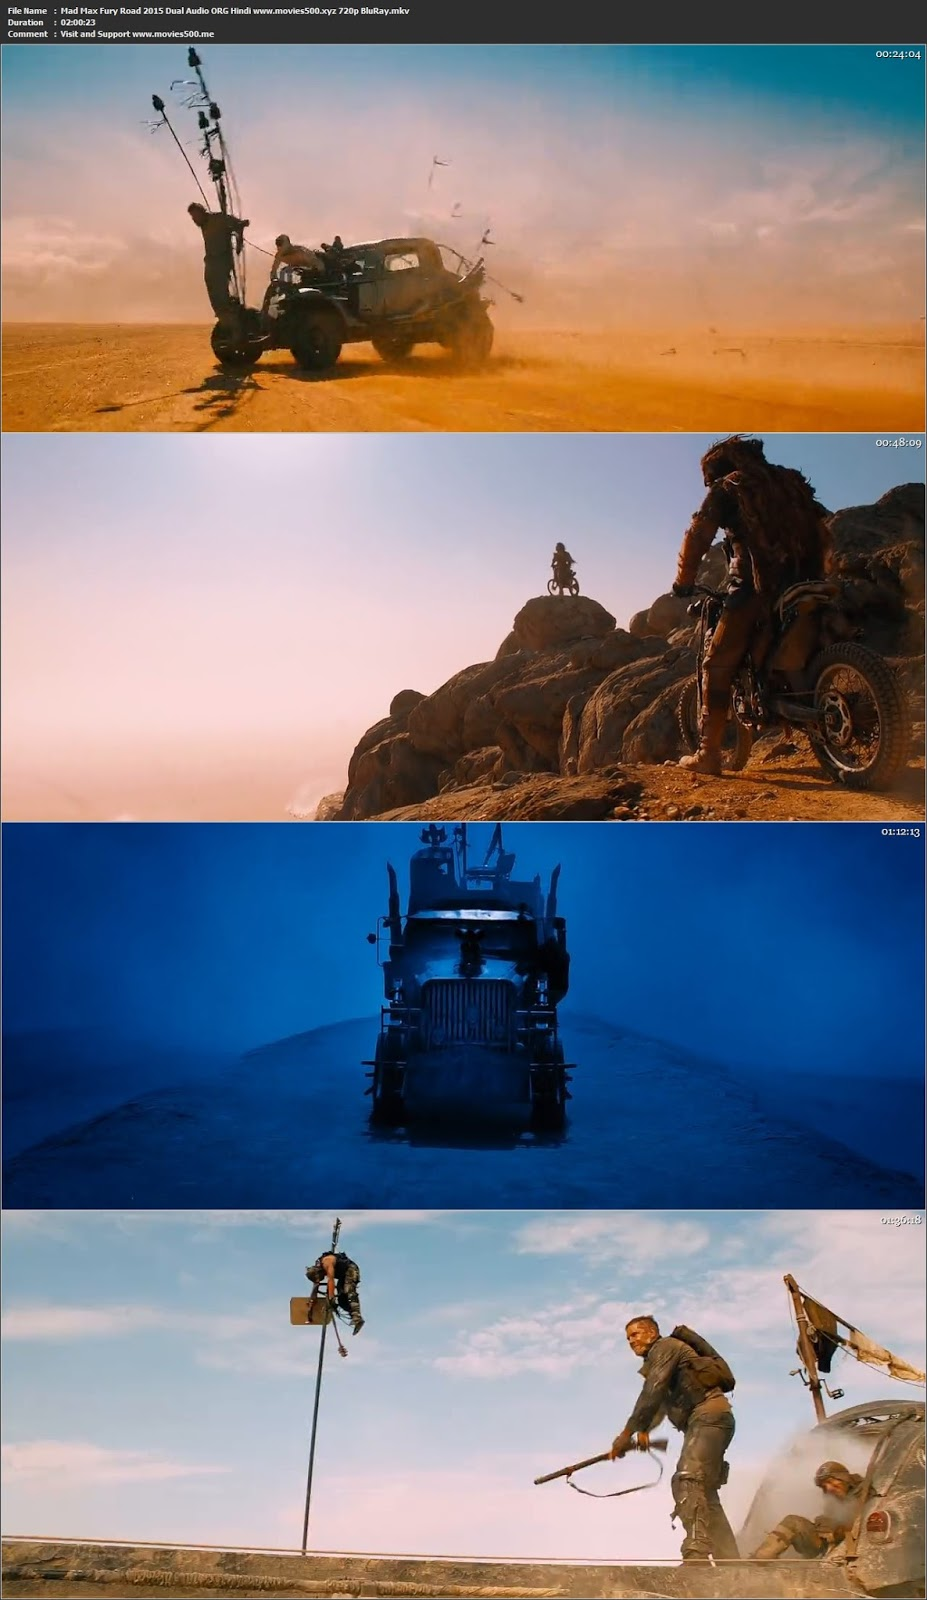 Mad Max Fury Road 2015 Dual Audio Hindi Movie BluRay 720p at 9966132.com